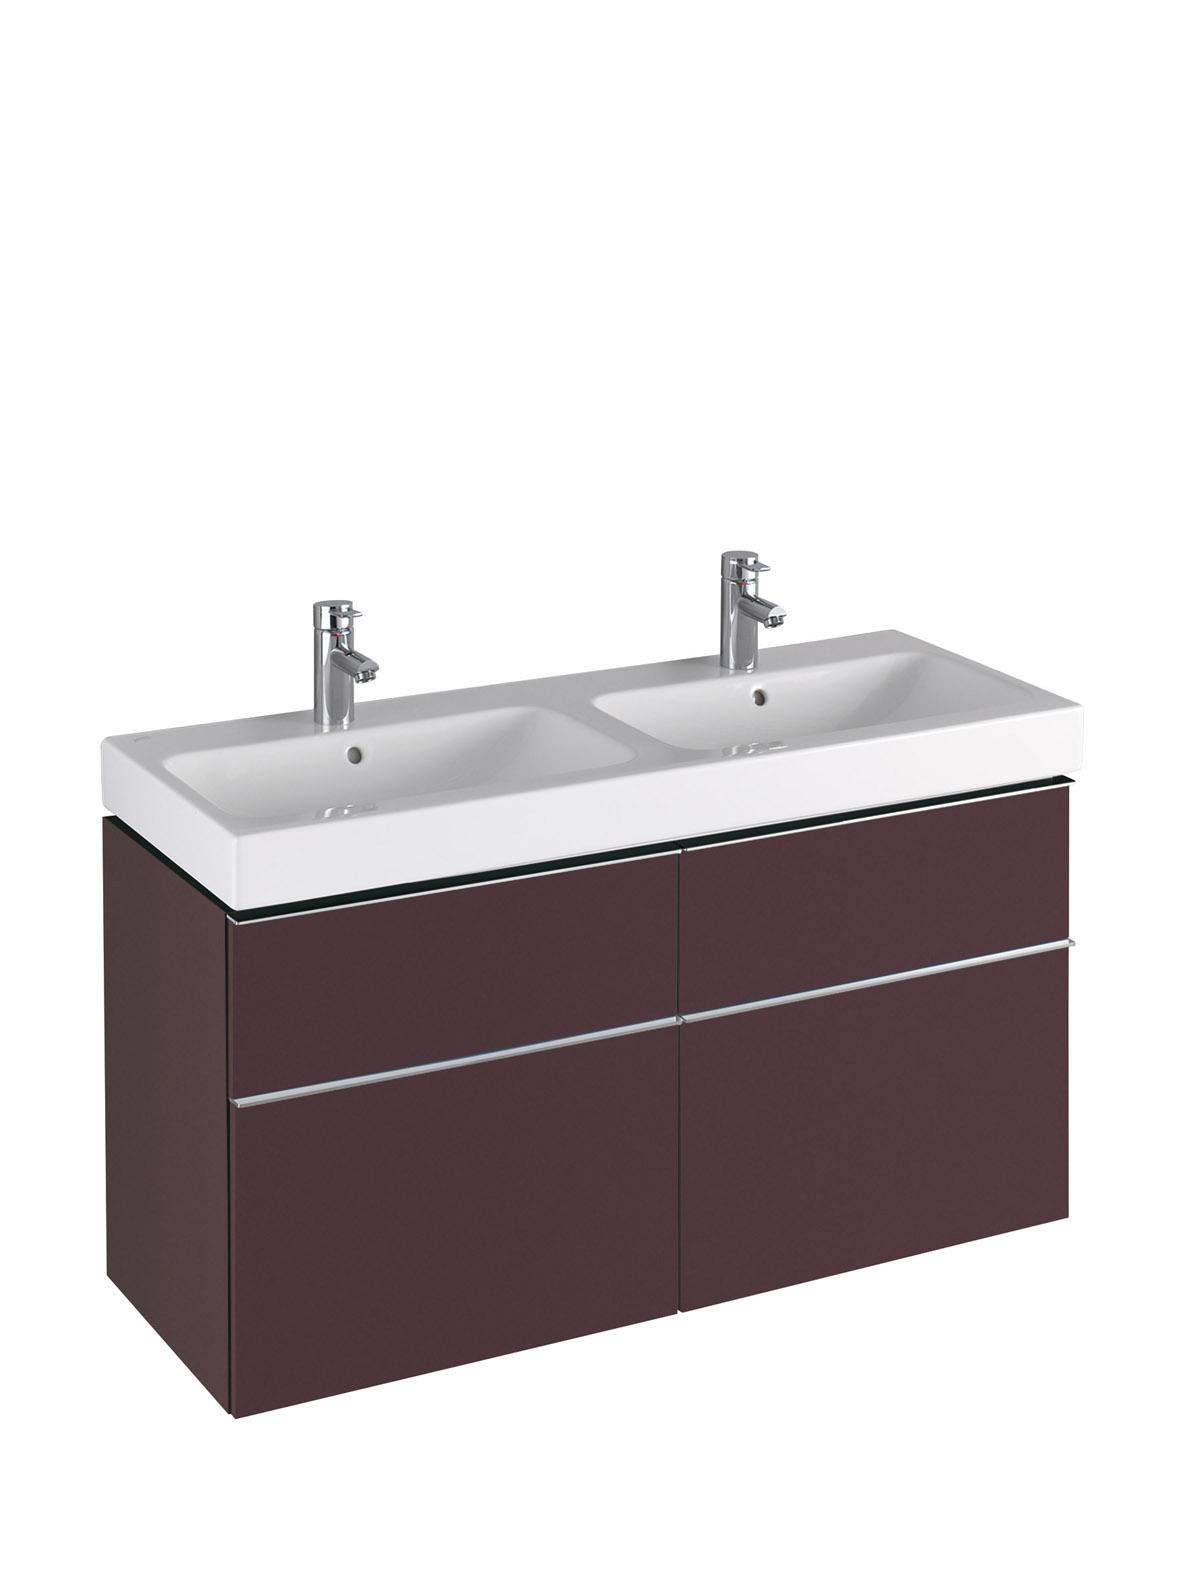 koupelnový nábytek KERAMAG Icon 119x62 burgundy